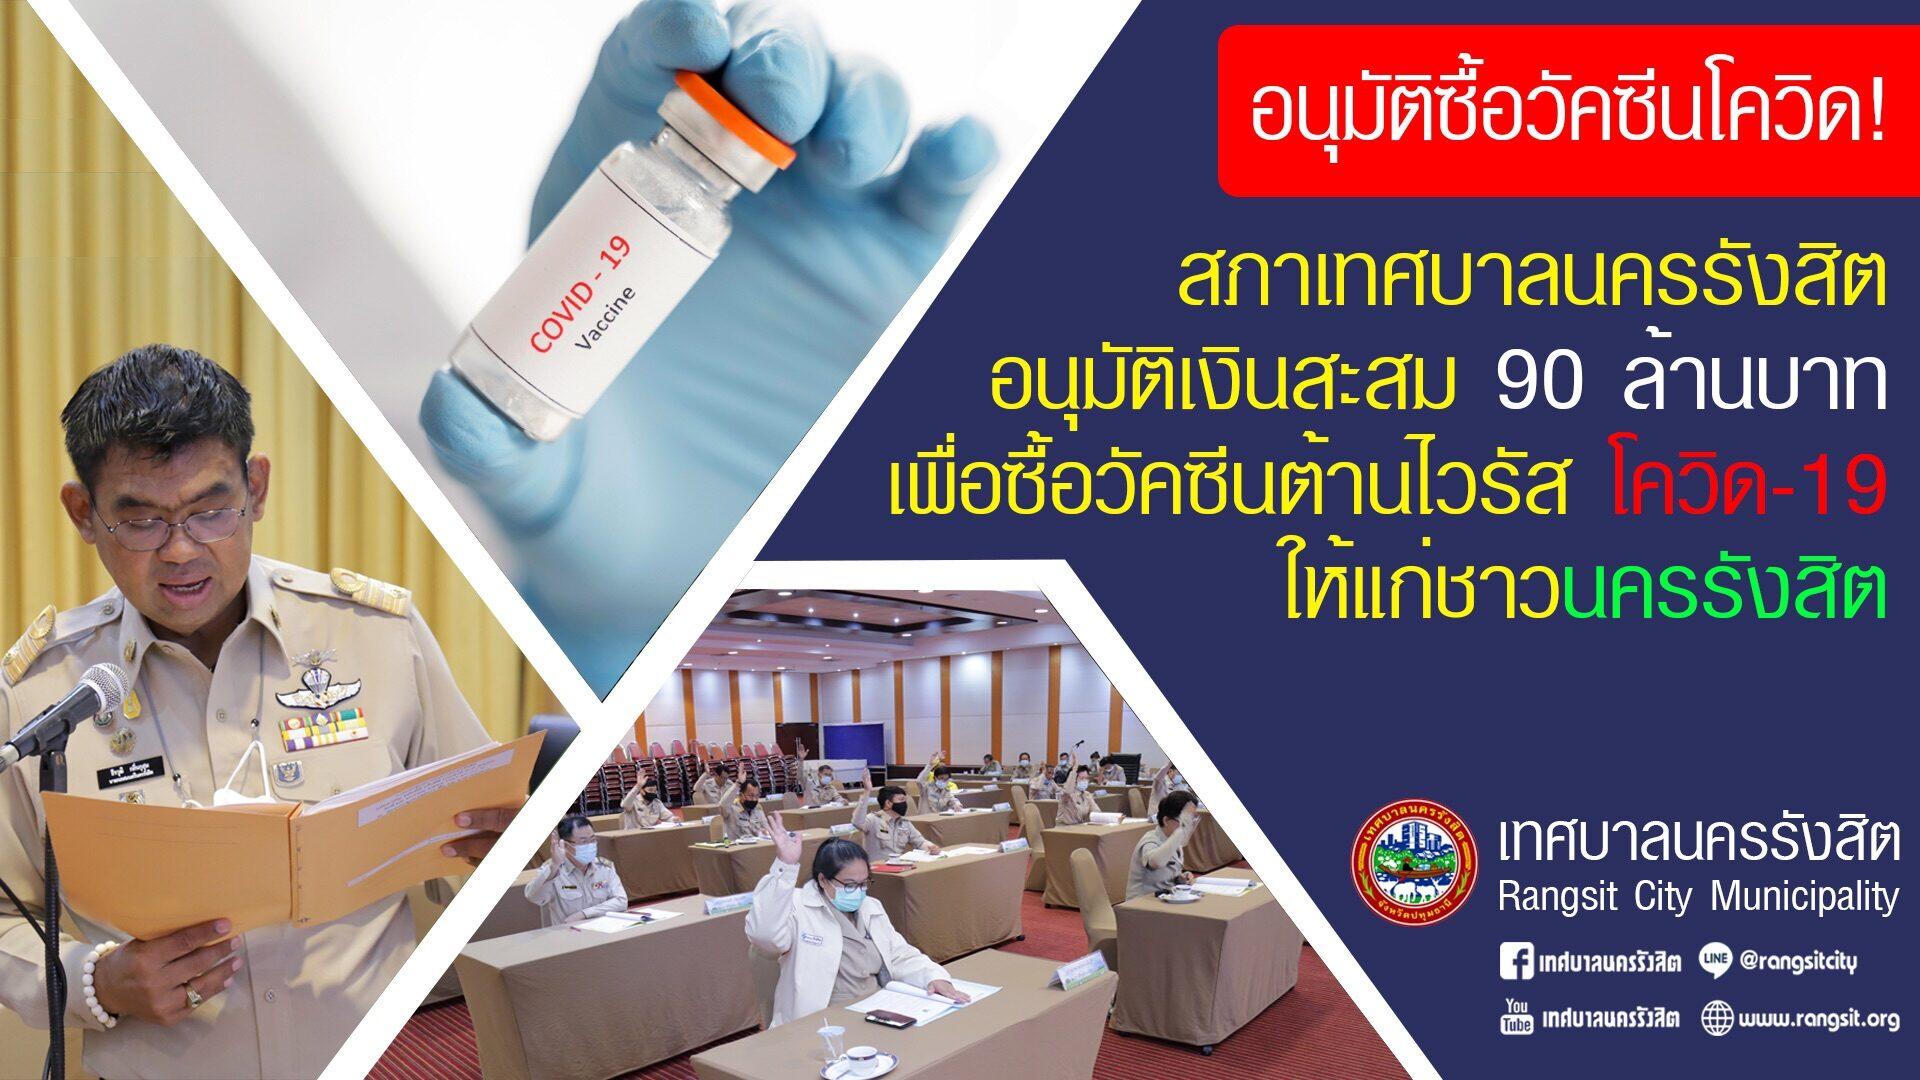 สภานครรังสิตอนุมัติ ซื้อวัคซีนต้านไวรัส 90 ล้านบาท